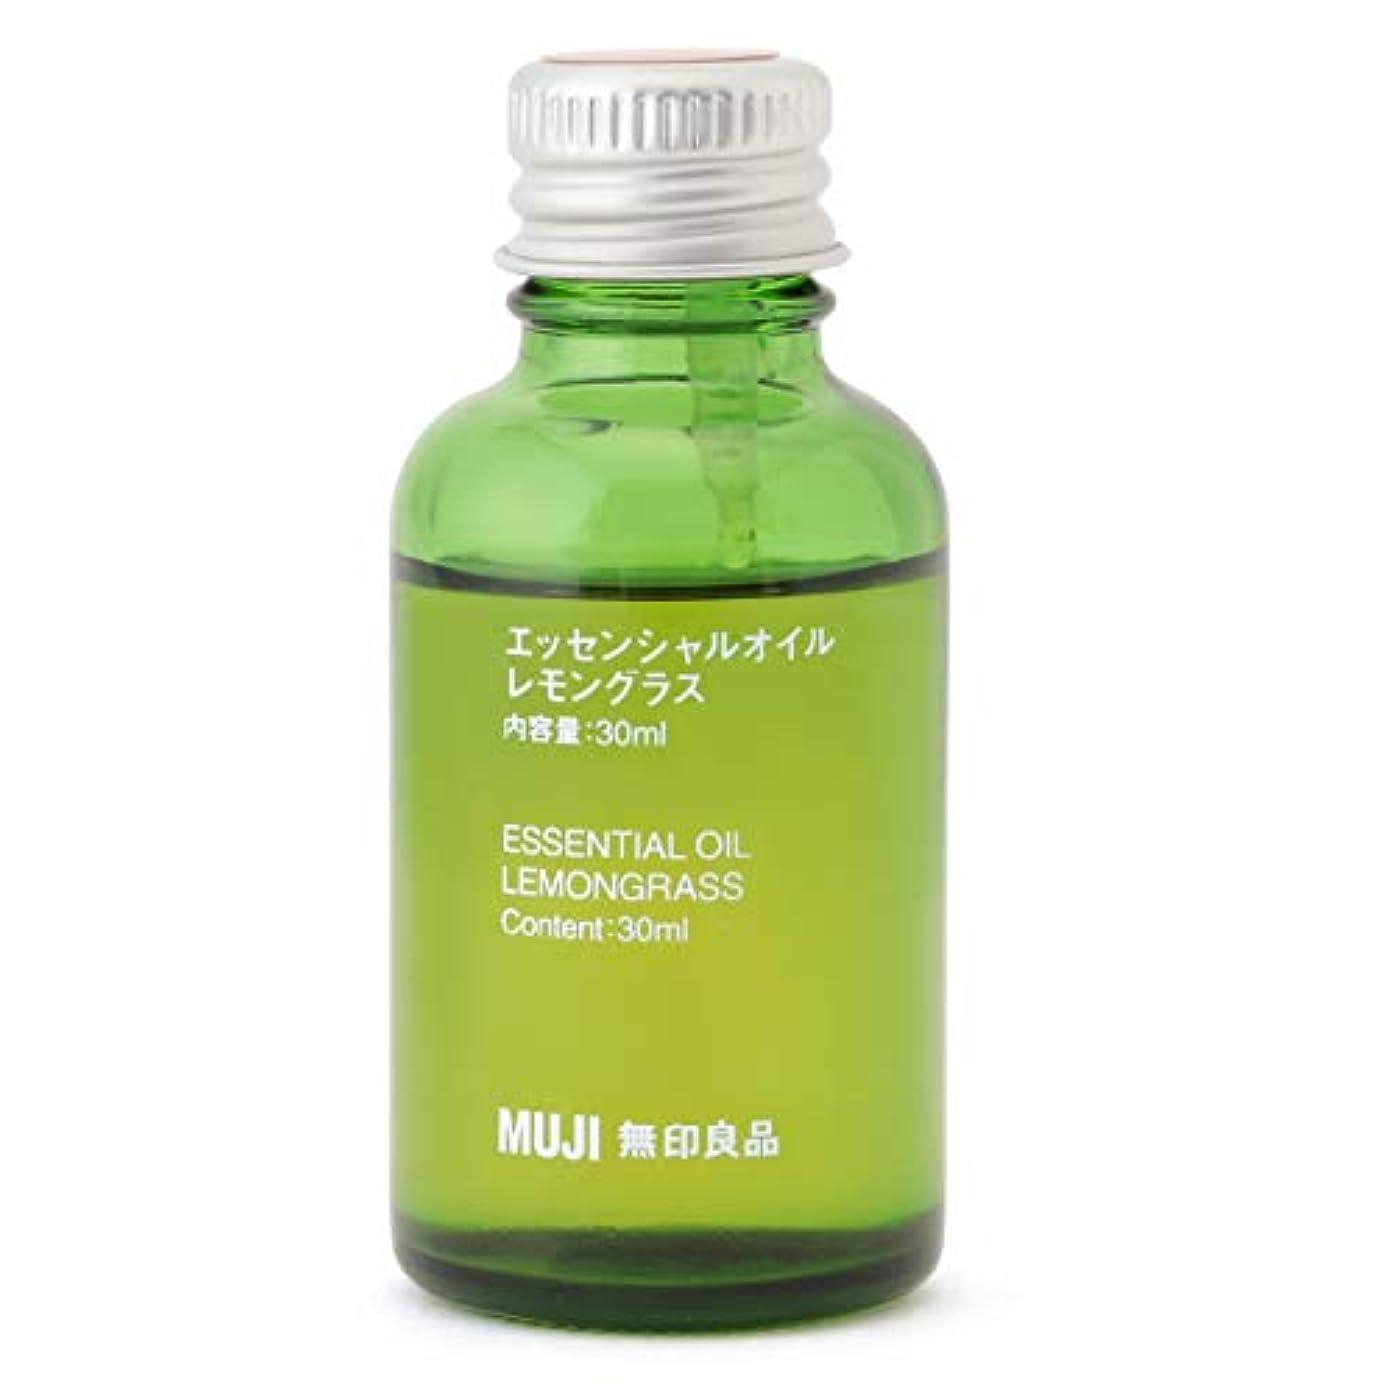 撤退ロボット絶妙【無印良品】エッセンシャルオイル30ml(レモングラス)